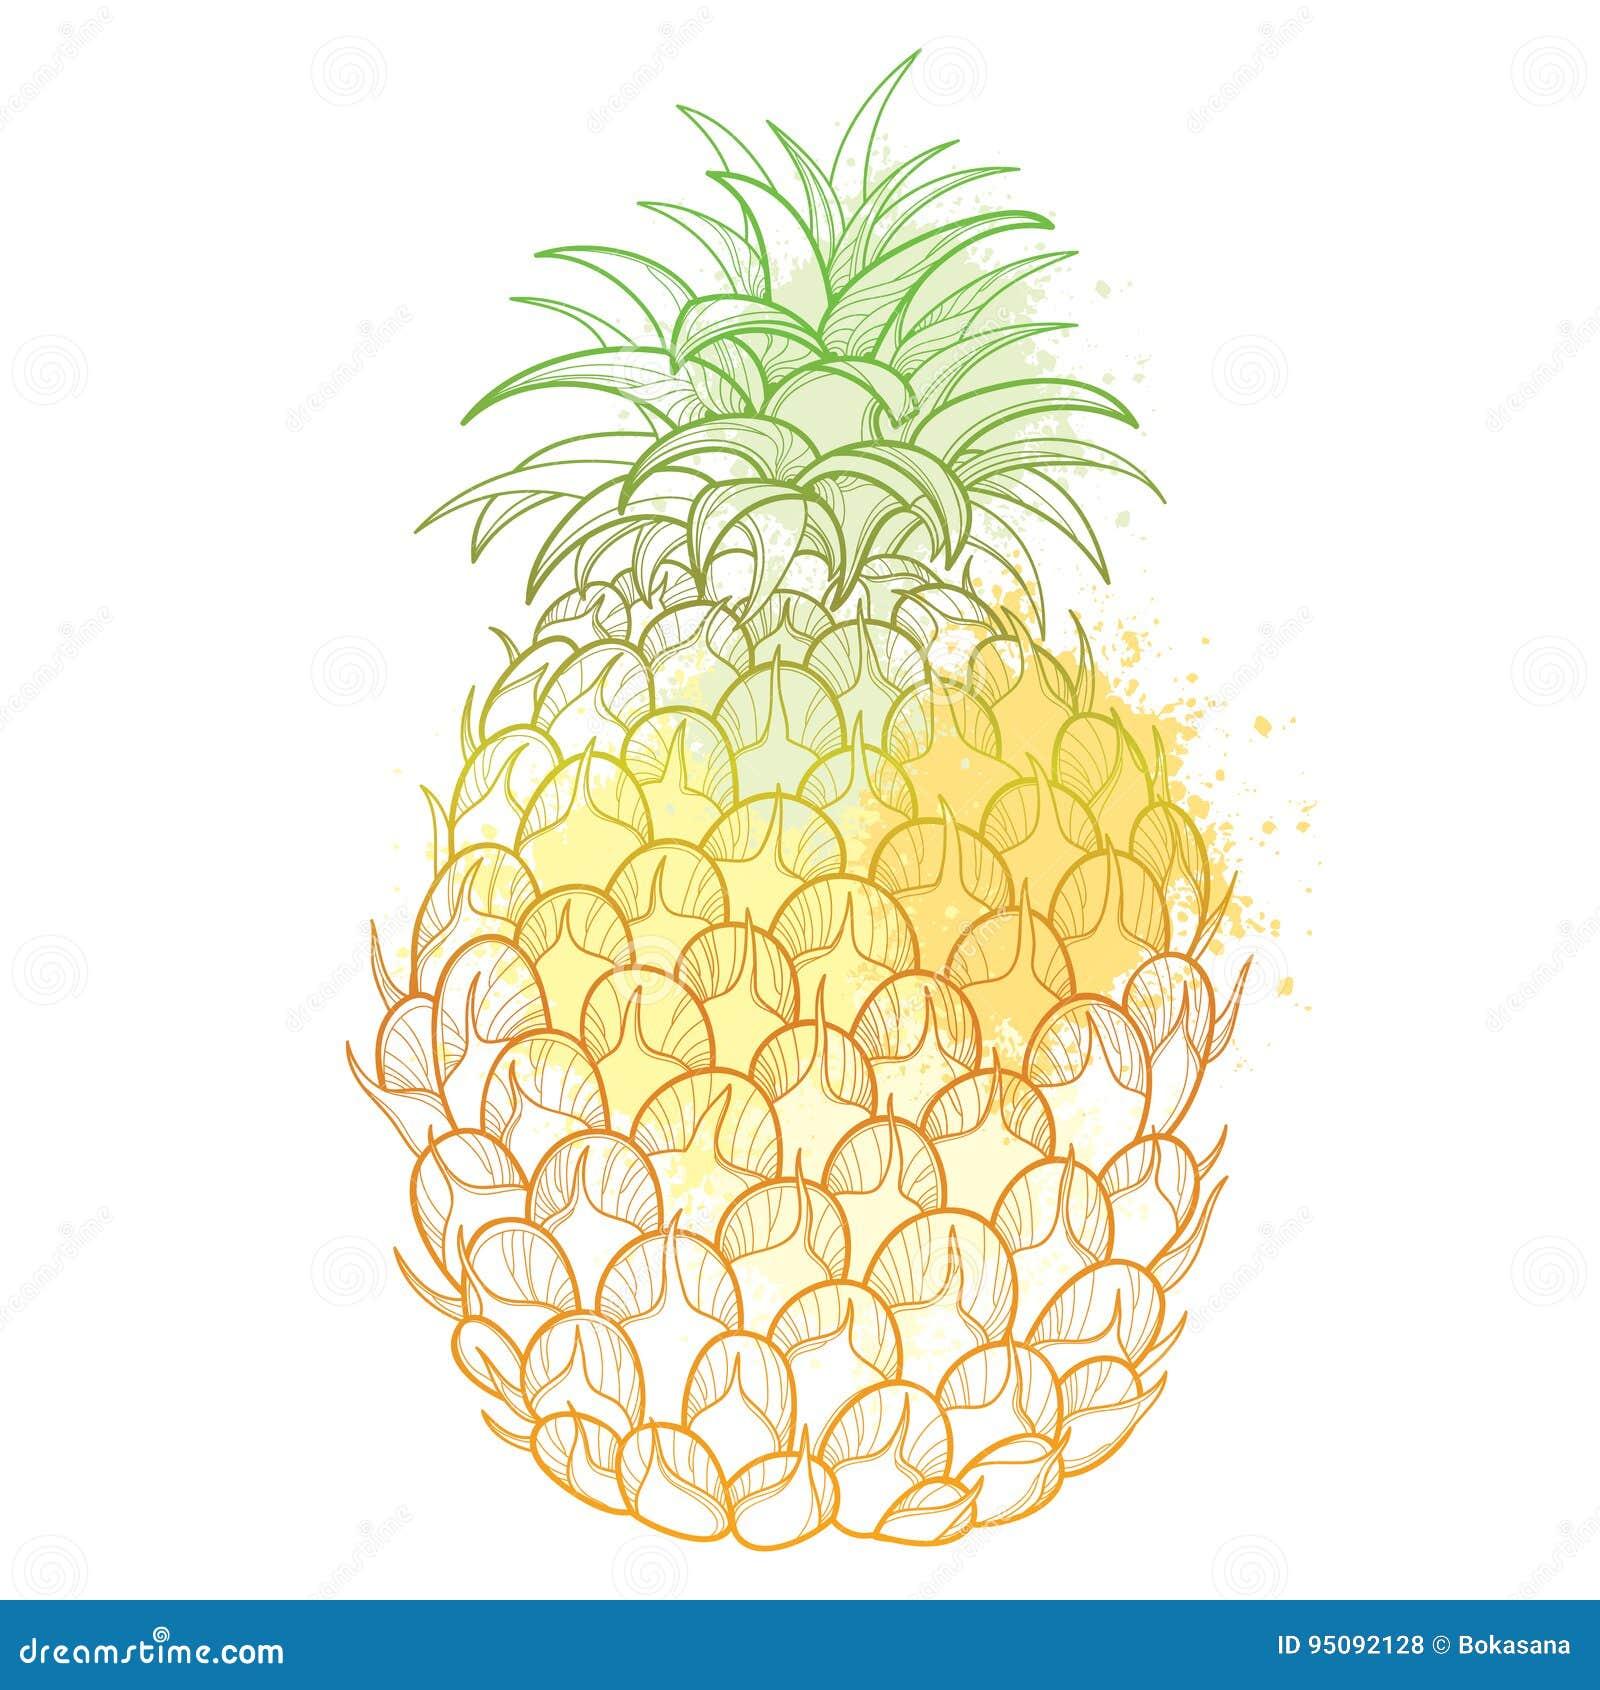 Ananas Rysunek wektorowy rysunek z konturu ananas, ananasa liść w